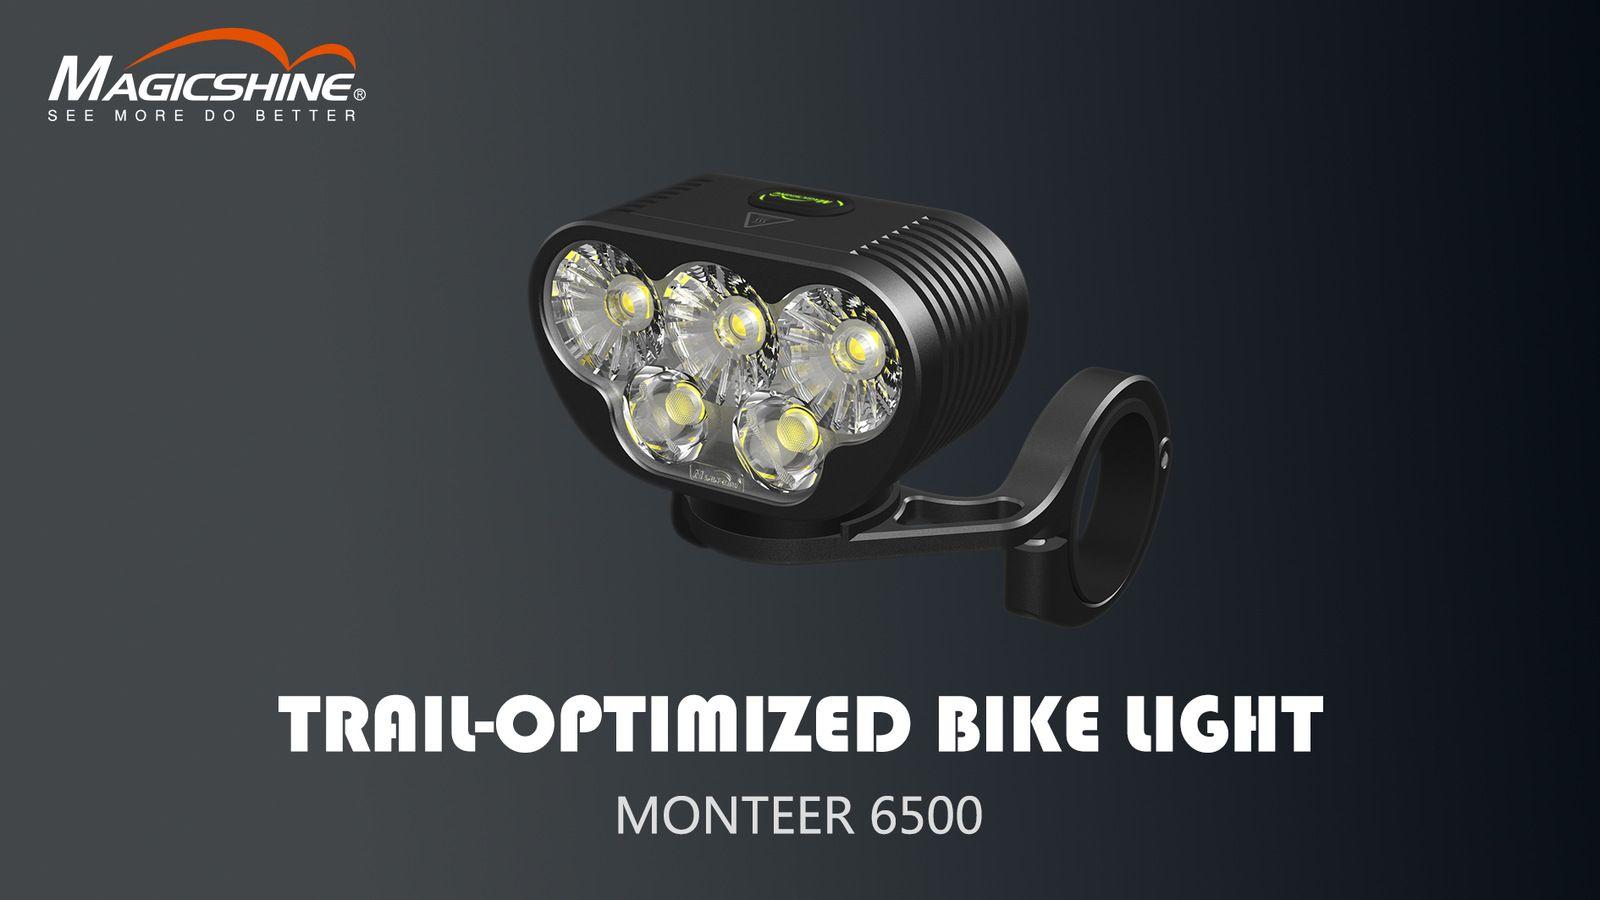 MONTEER-6500-3-1.jpg